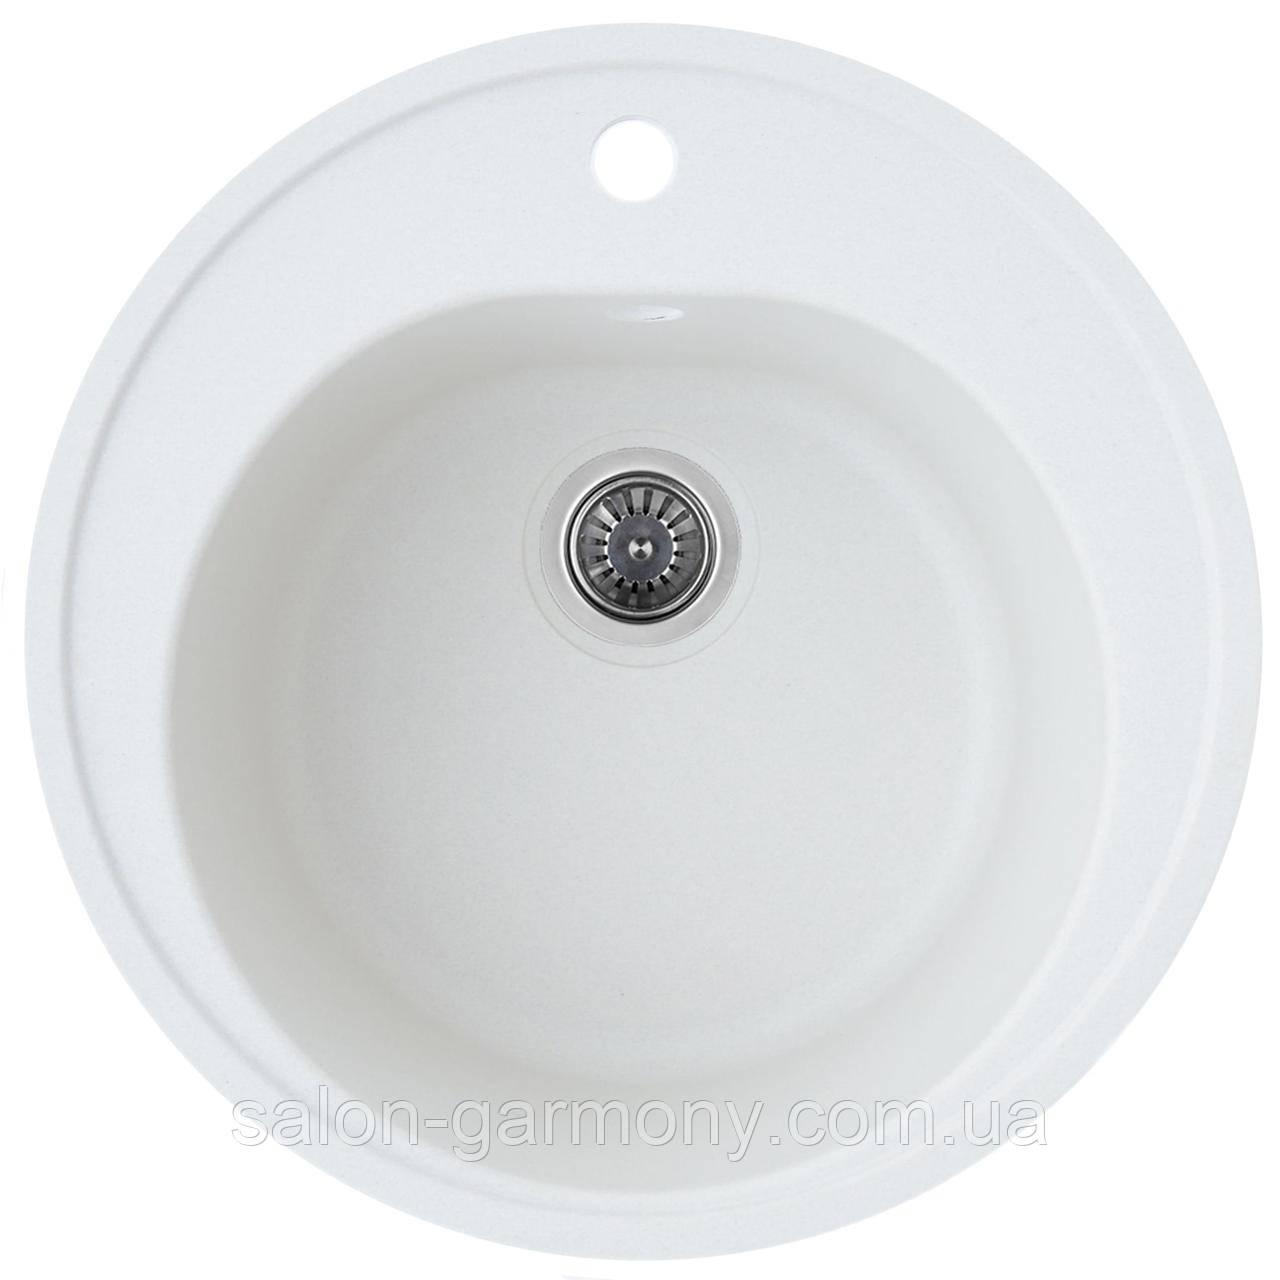 Гранітна мийка для кухні Platinum 510 LUNA матова Білосніжна